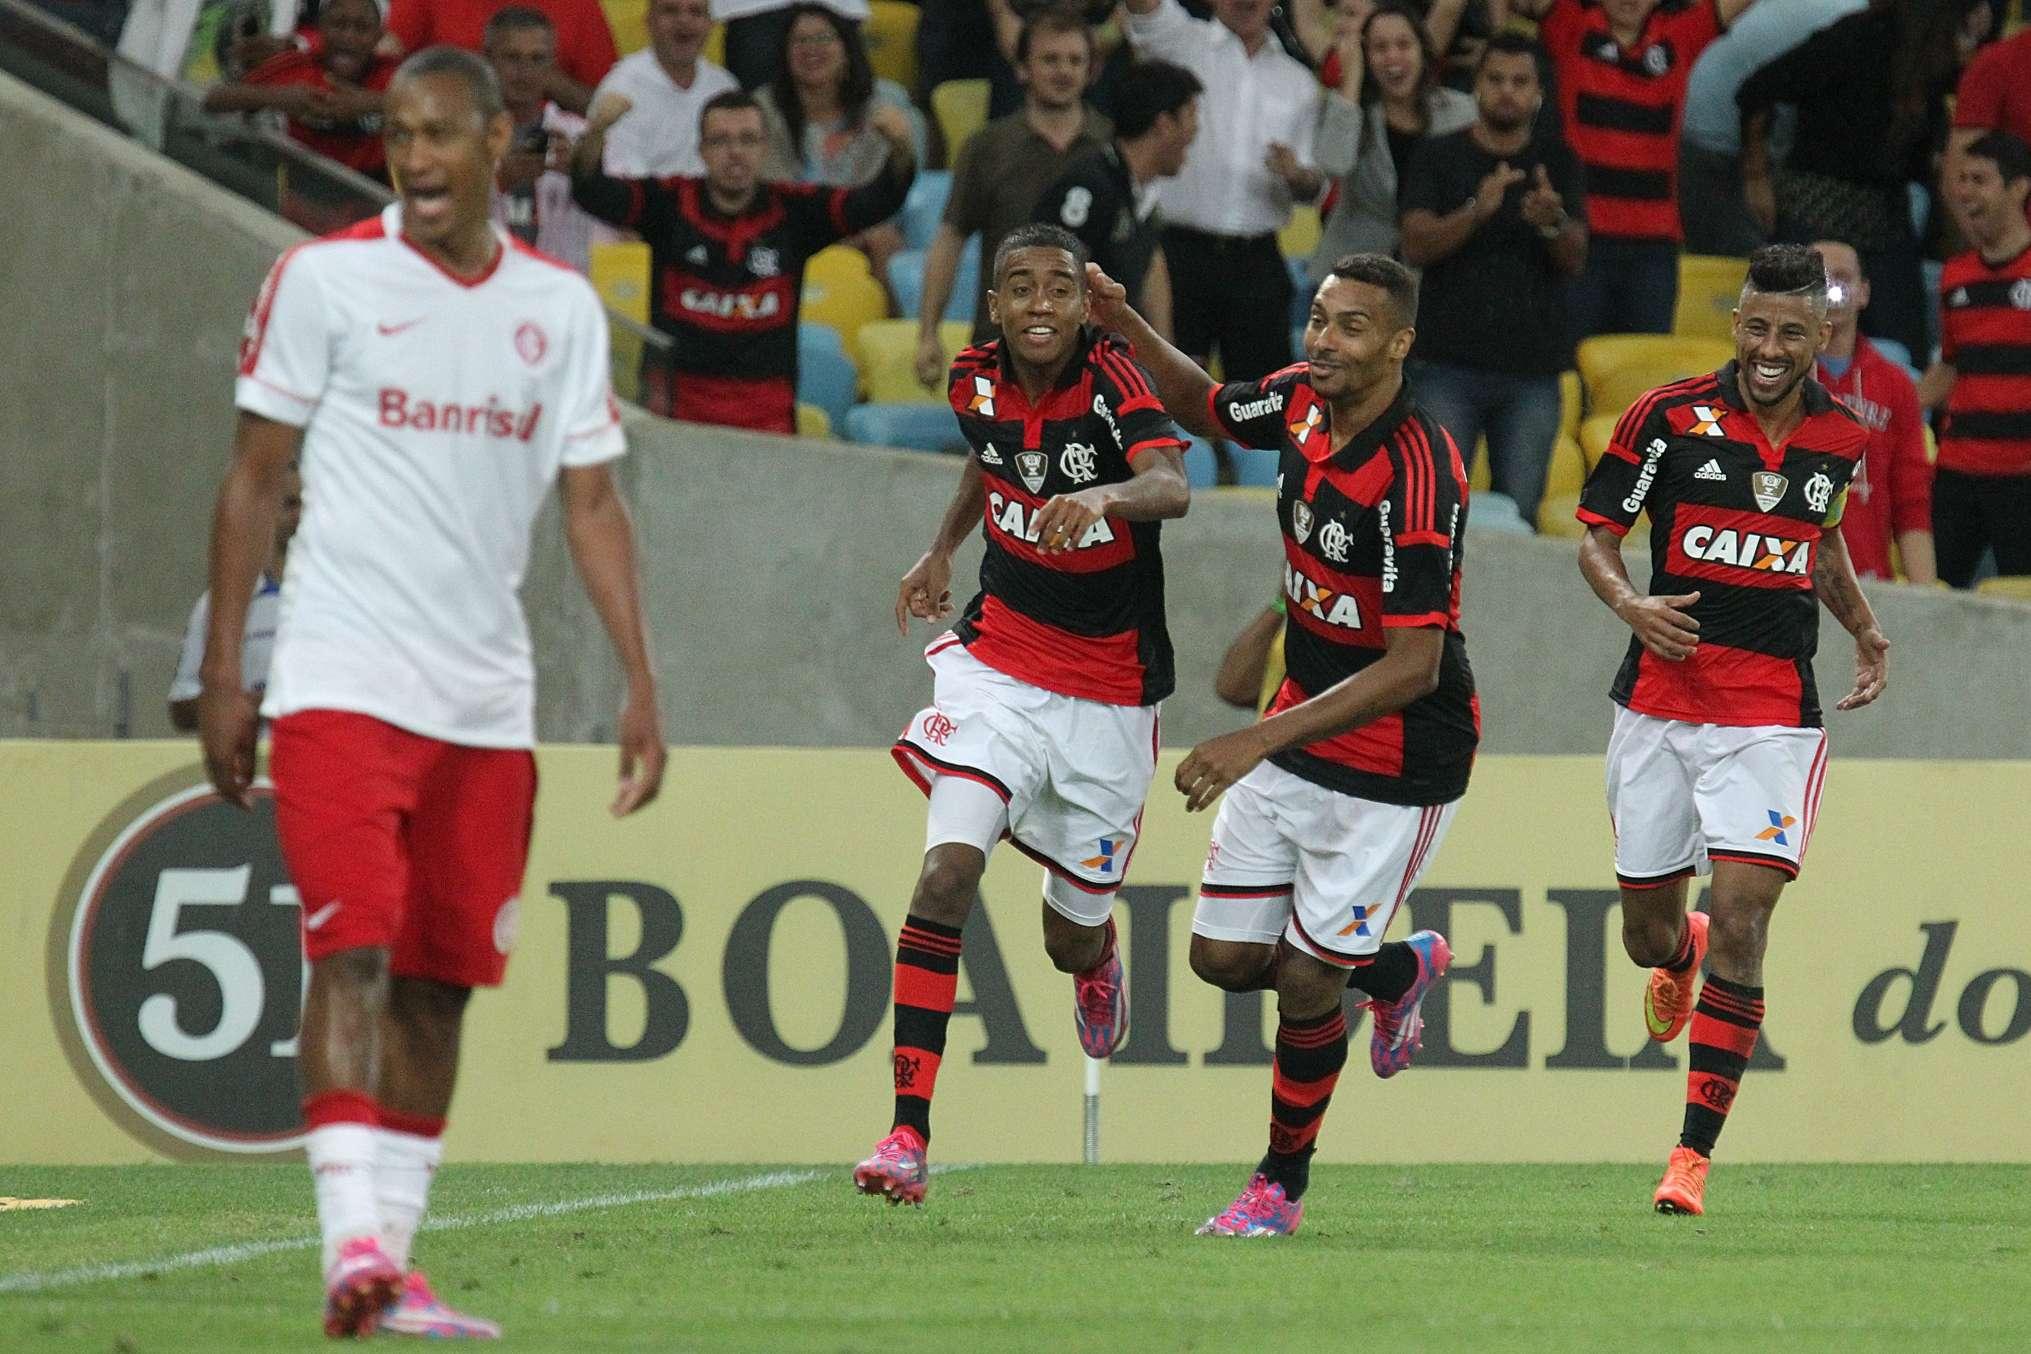 Foto: Gilvan de Souza/Flamengo/Divulgação